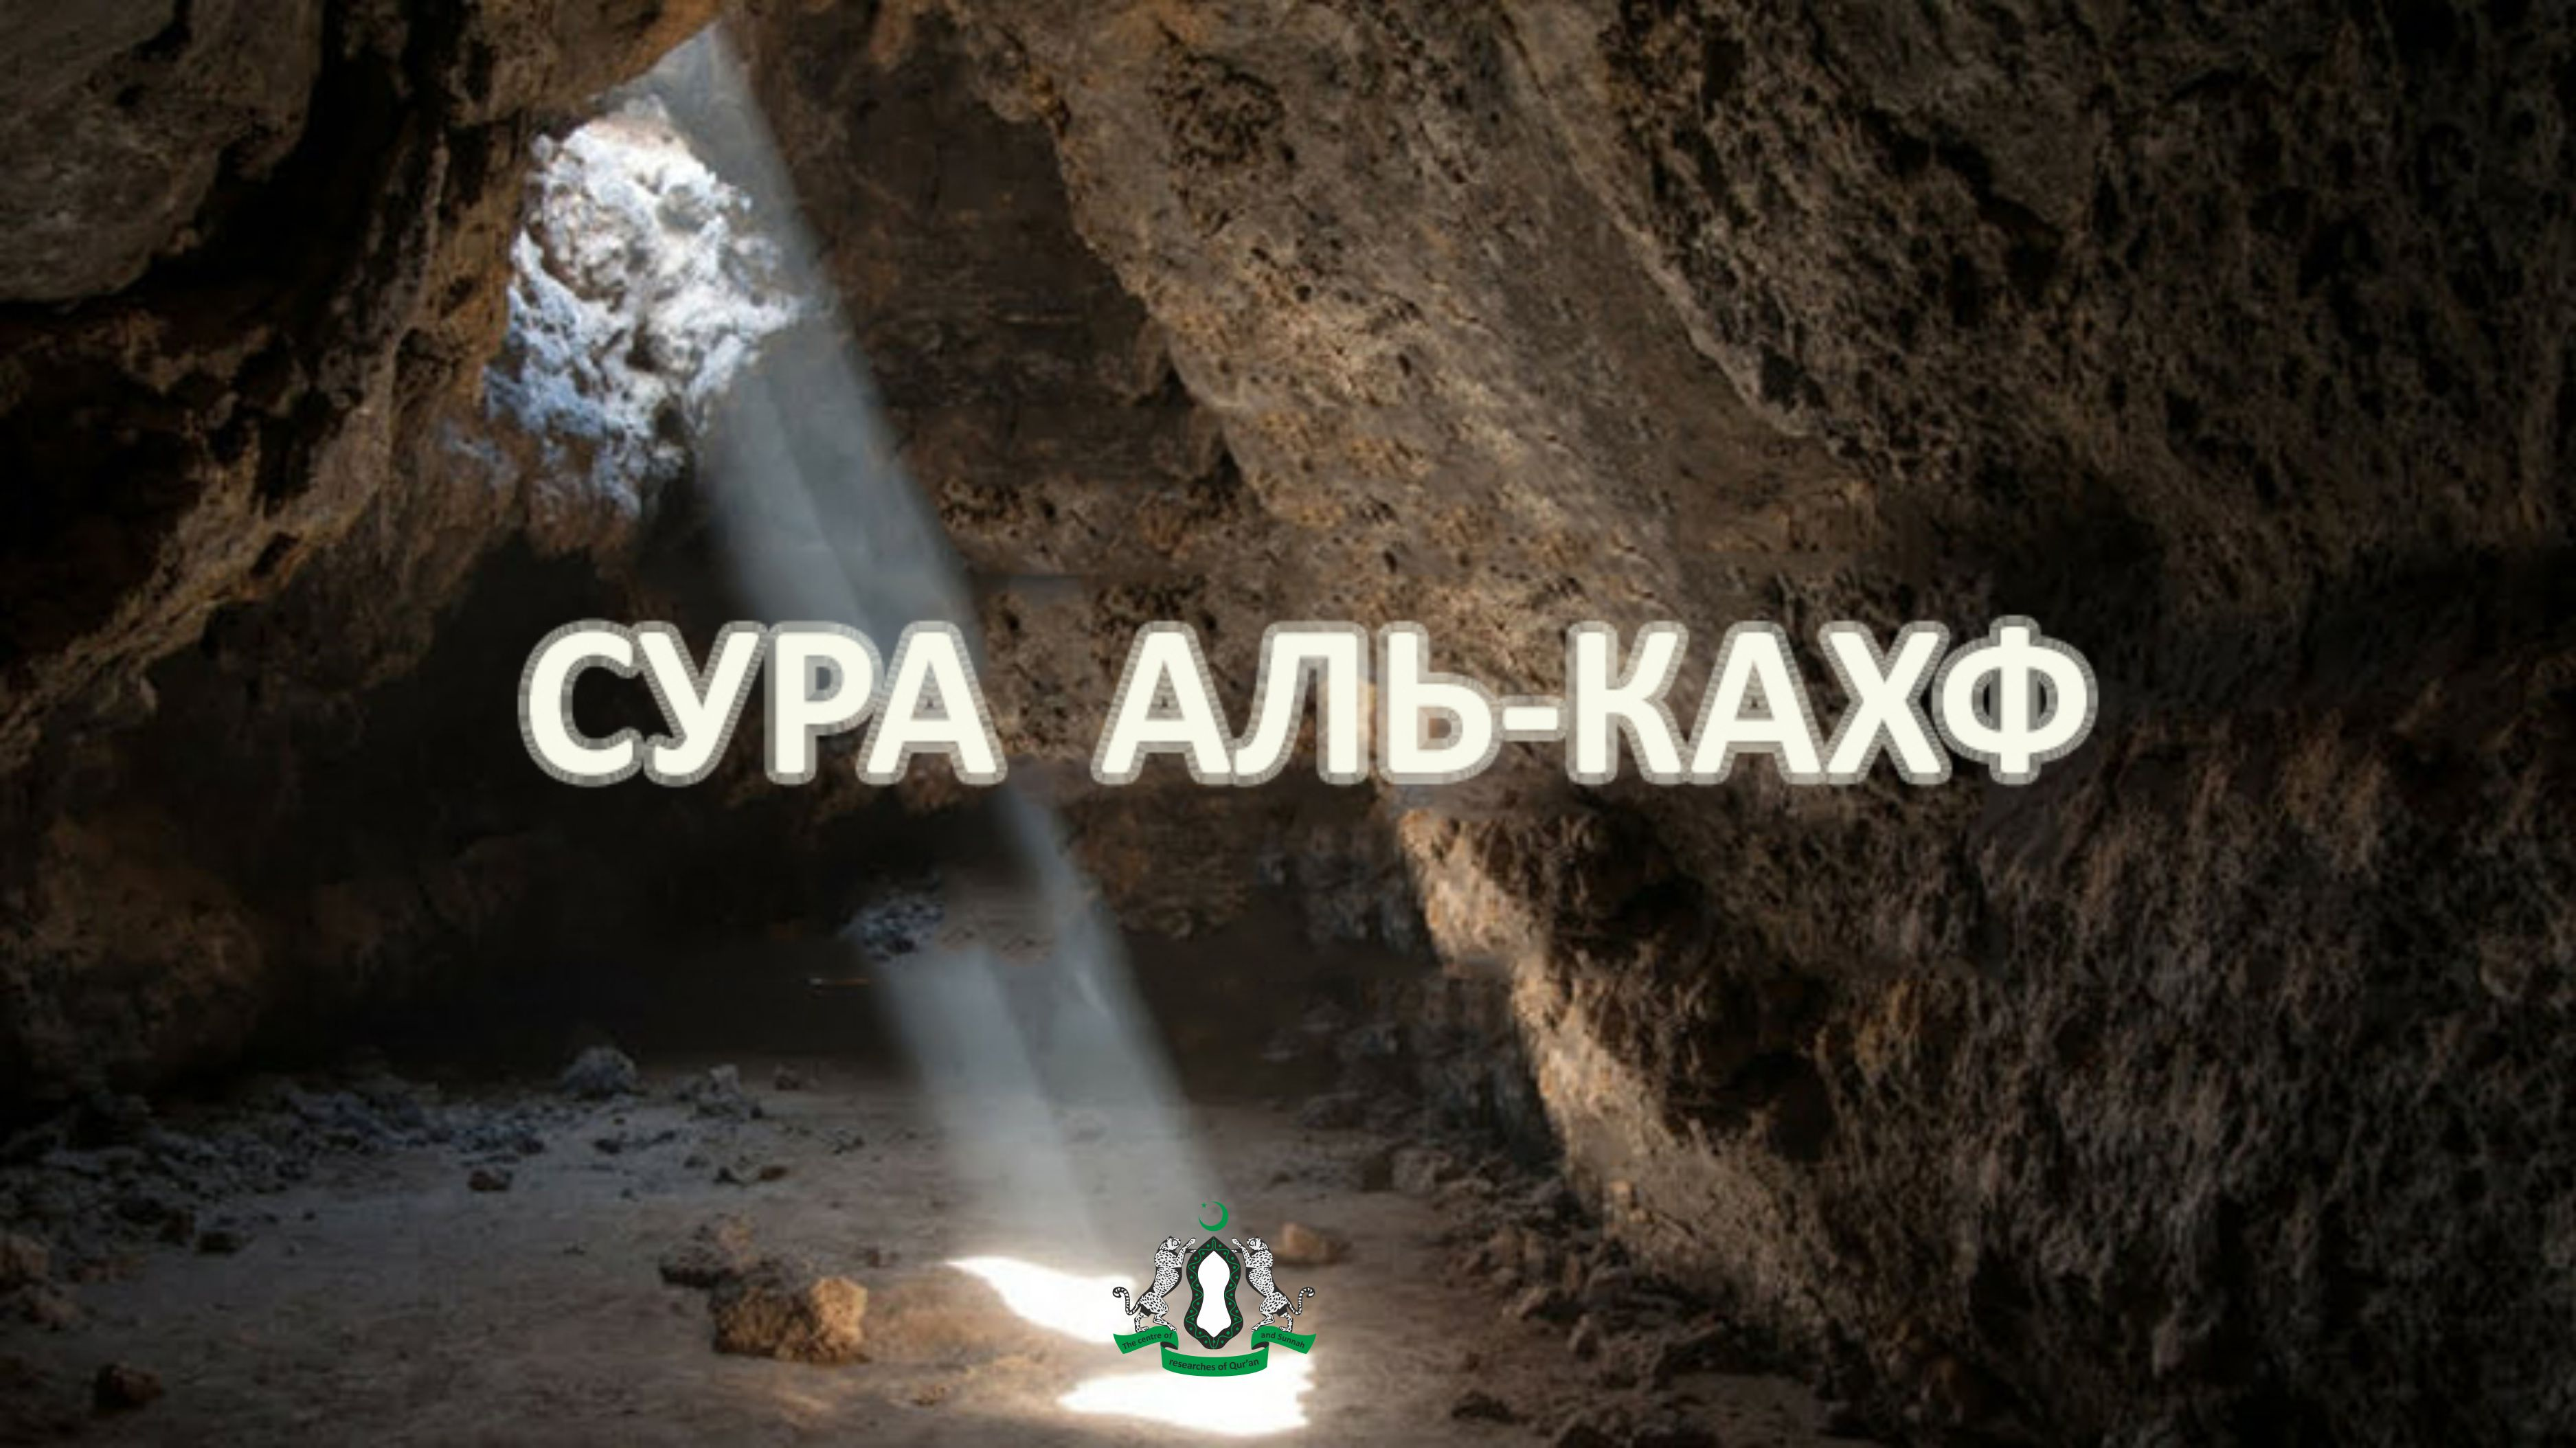 """О чем сура """"Аль-Кахф"""" (Пещера)? Краткое описание данной суры"""